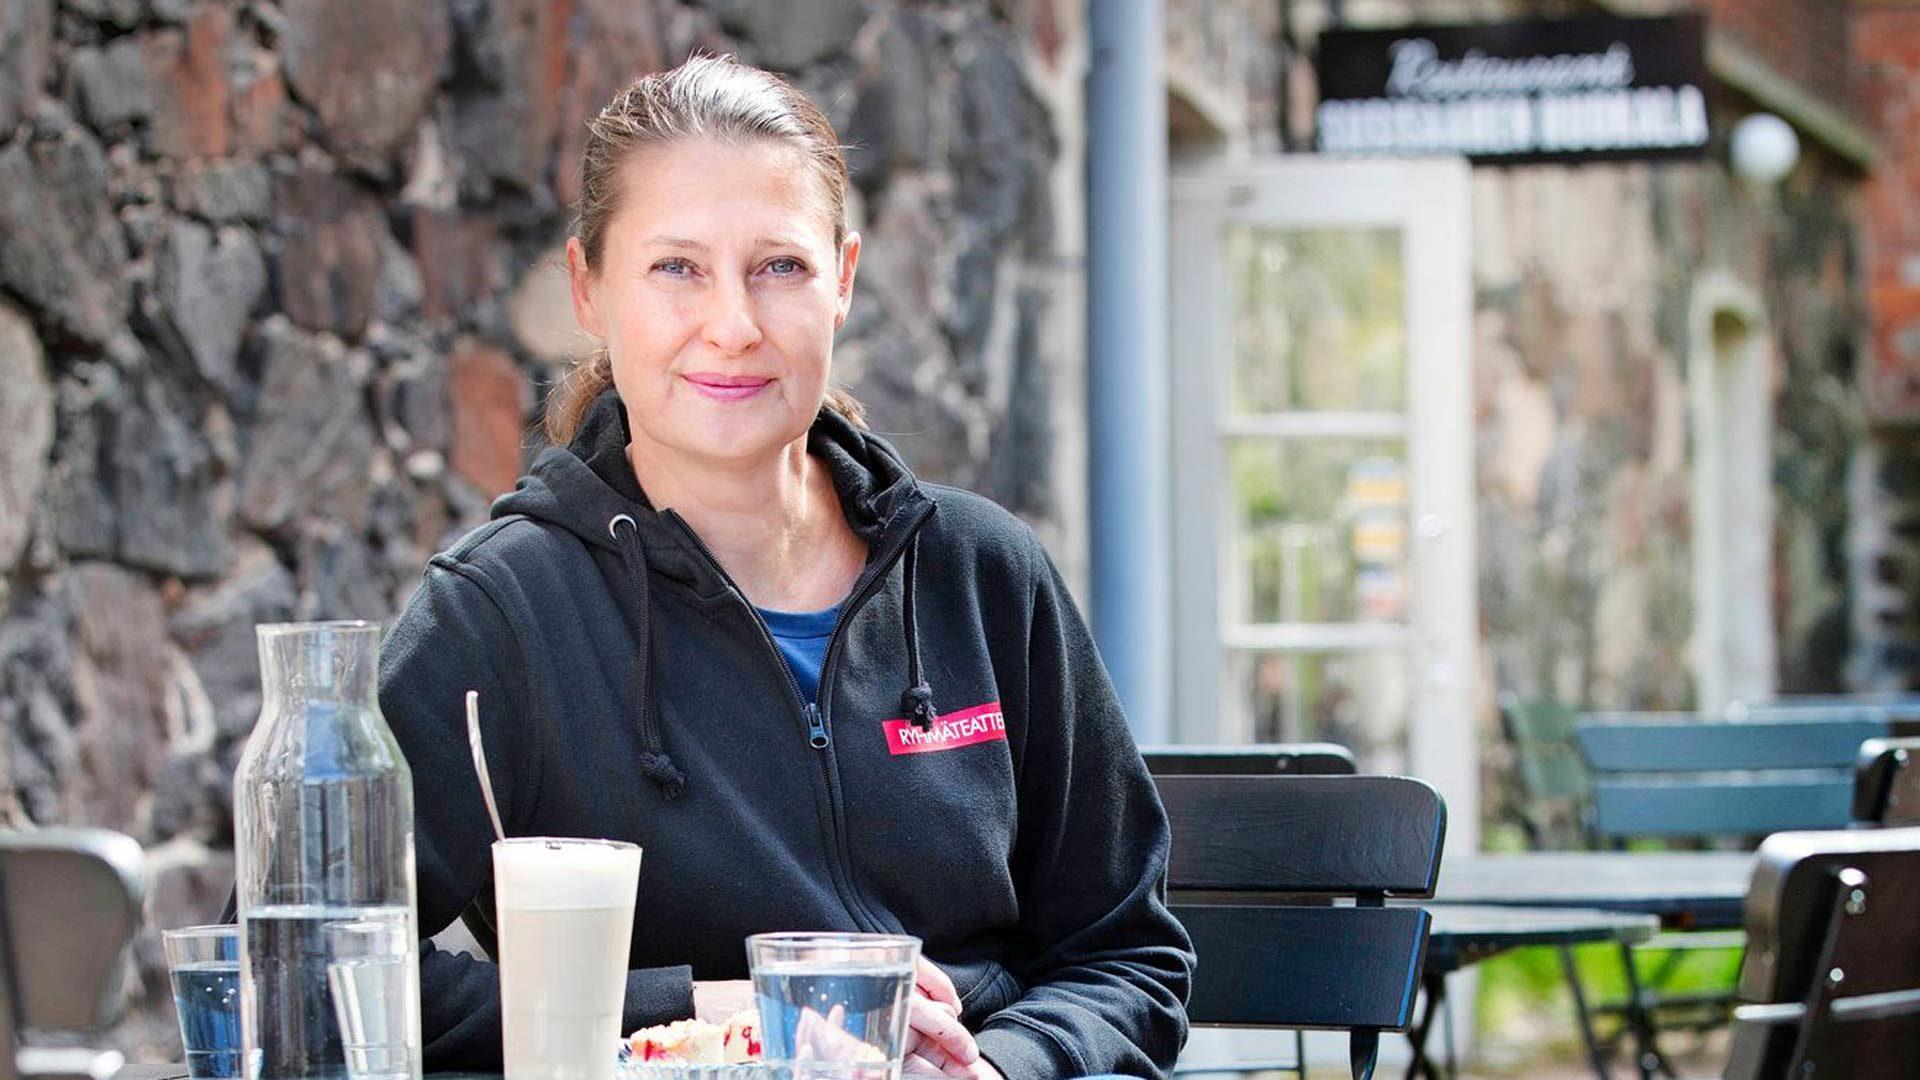 Näyttelijä Minna Suuronen on syntynyt 19.3.1968. Hyvää syntymäpäivää!